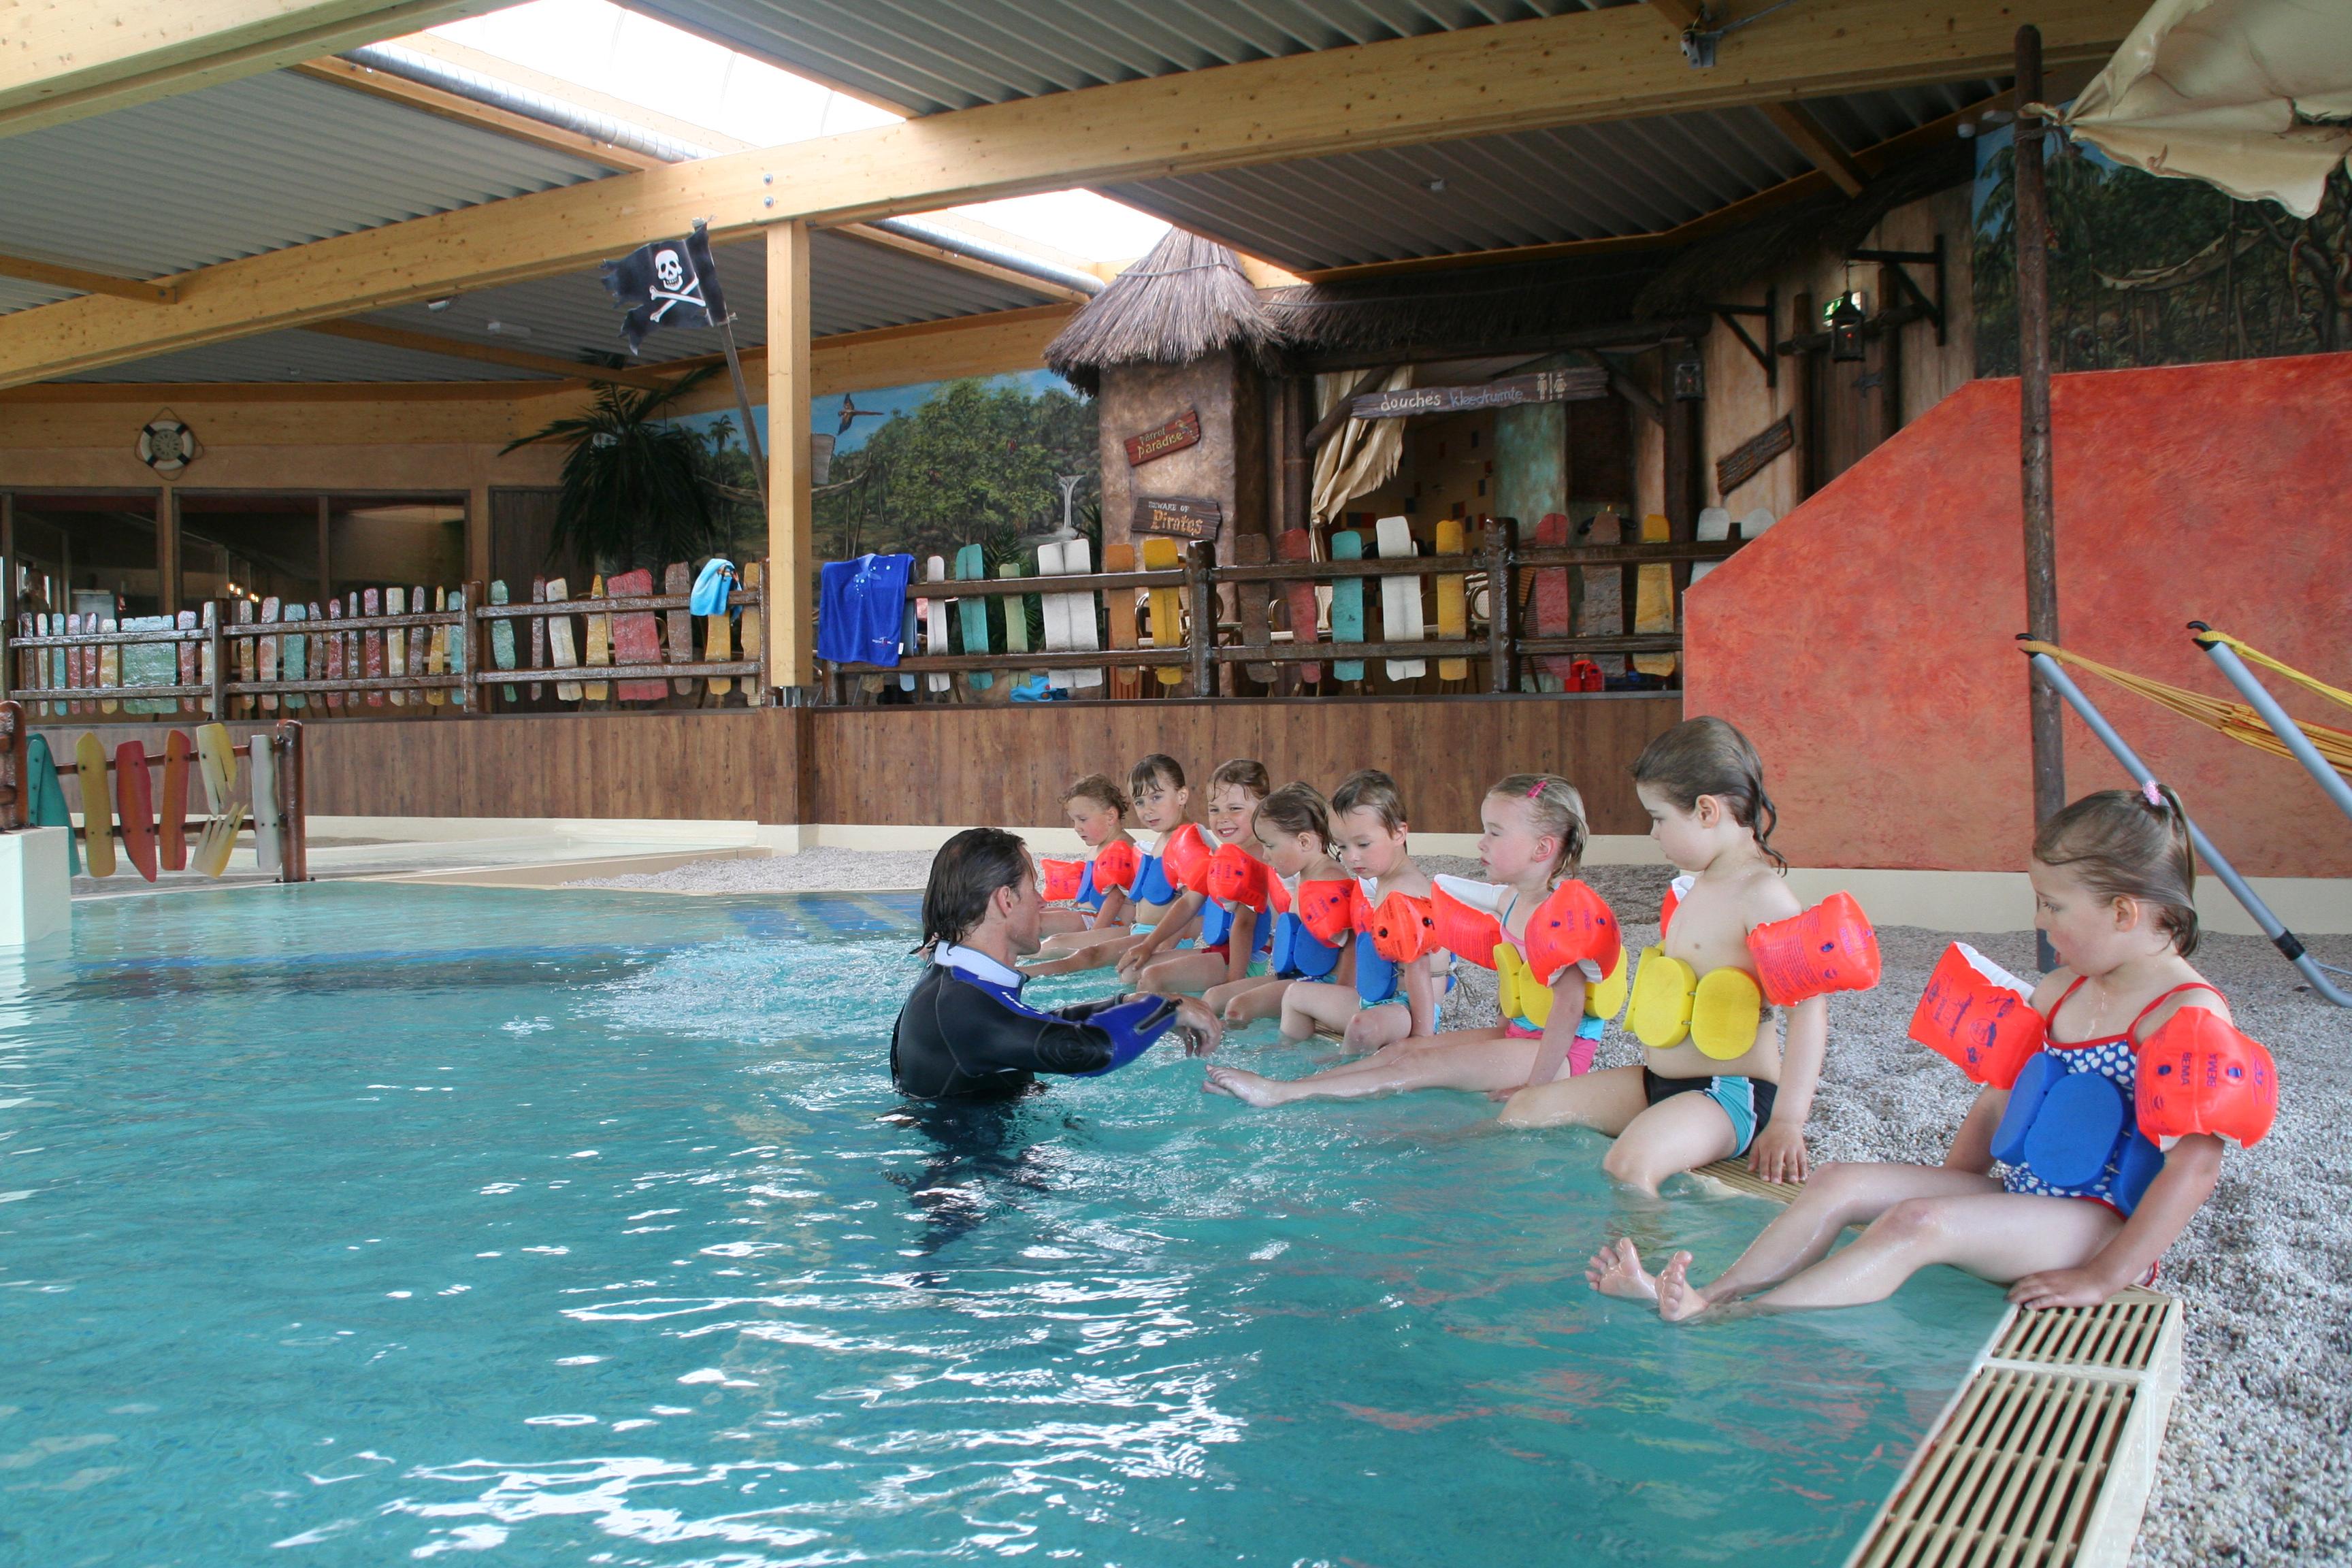 Zwemles in Hardenberg bij erkende zwemschool - Zwemles in het mooie Hardenberg